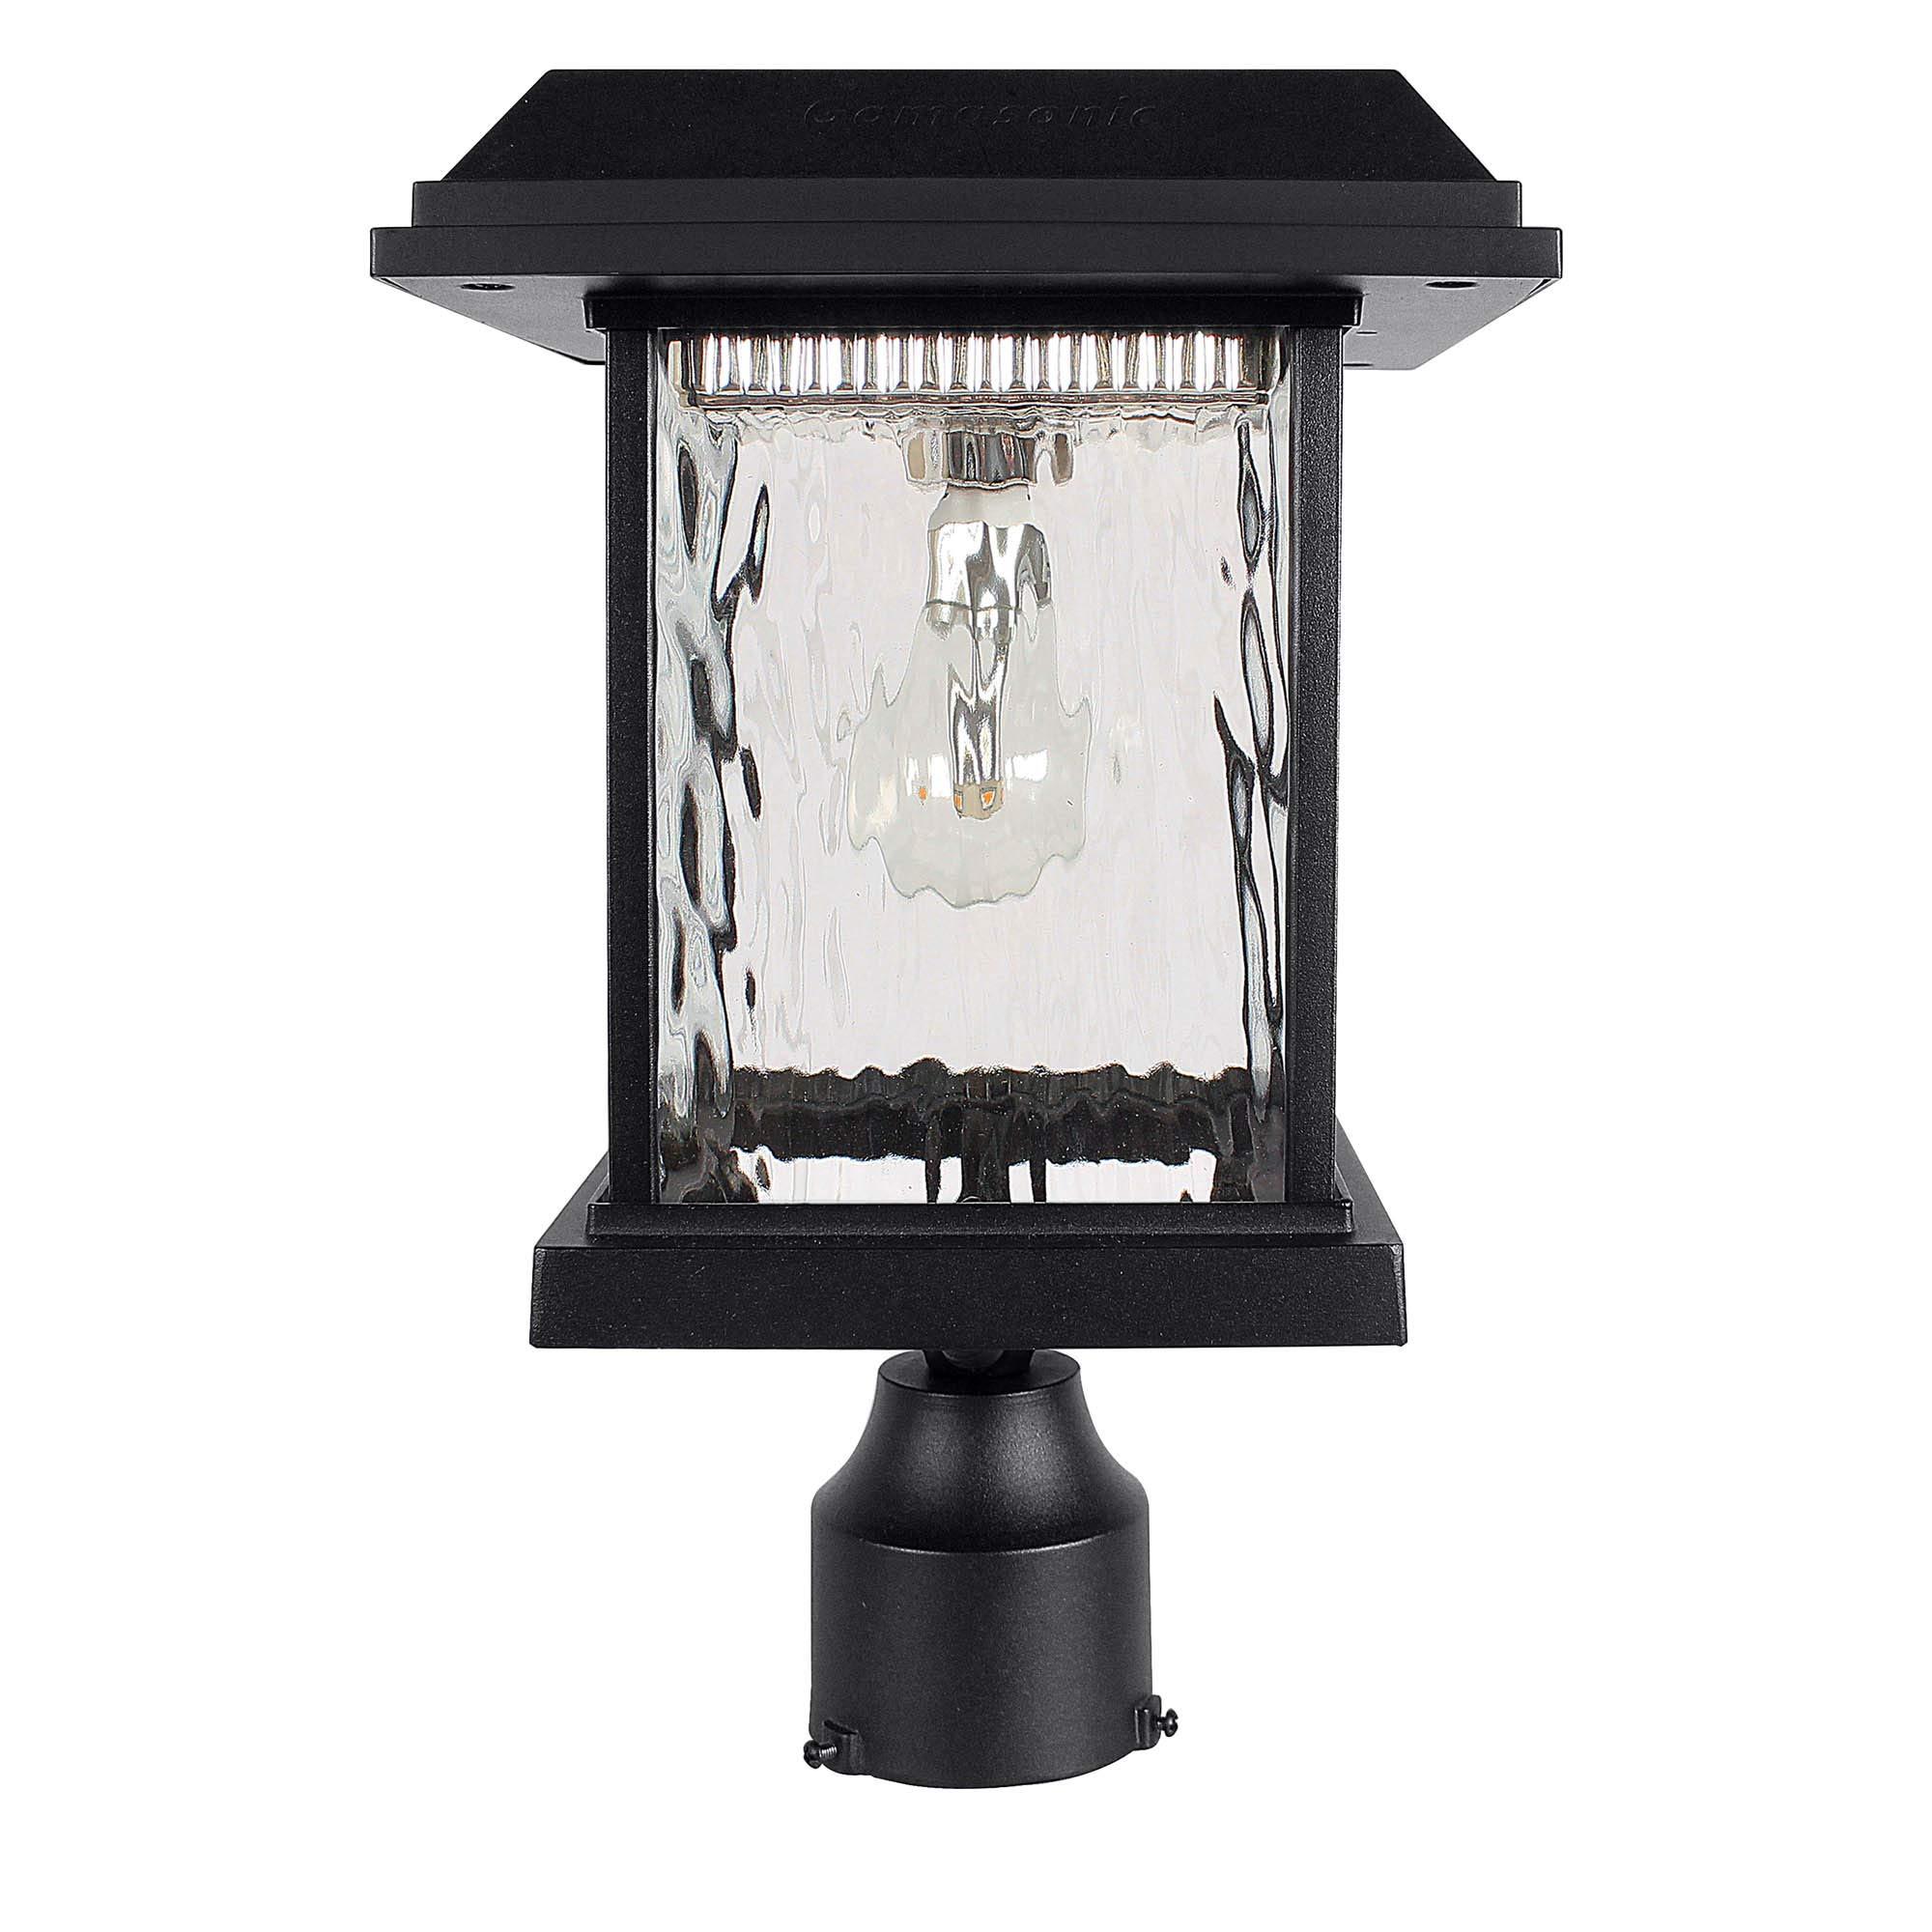 GAMA SONIC Aspen Solar Post Light, Outdoor Solar Powered LED Light, 3'' Post Mount, Black GS-8F